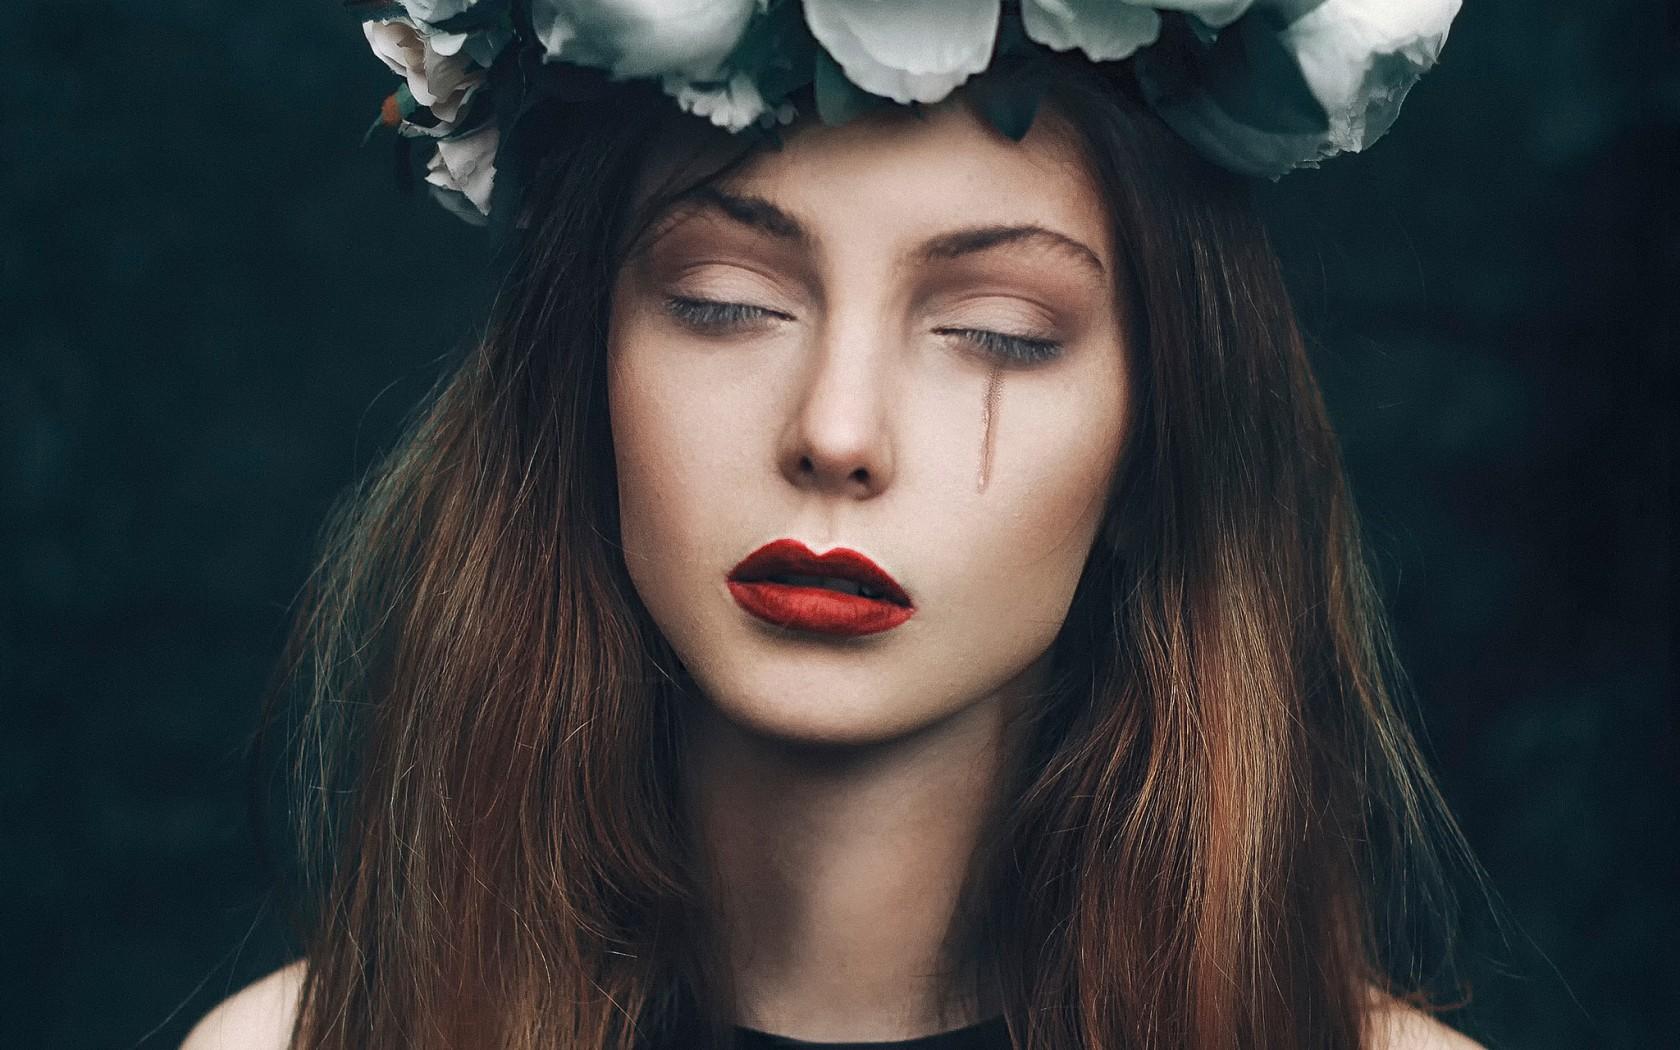 بالصور اجمل الصور الحزينة للبنات , الحزن وتاثيره على البنات 1601 12